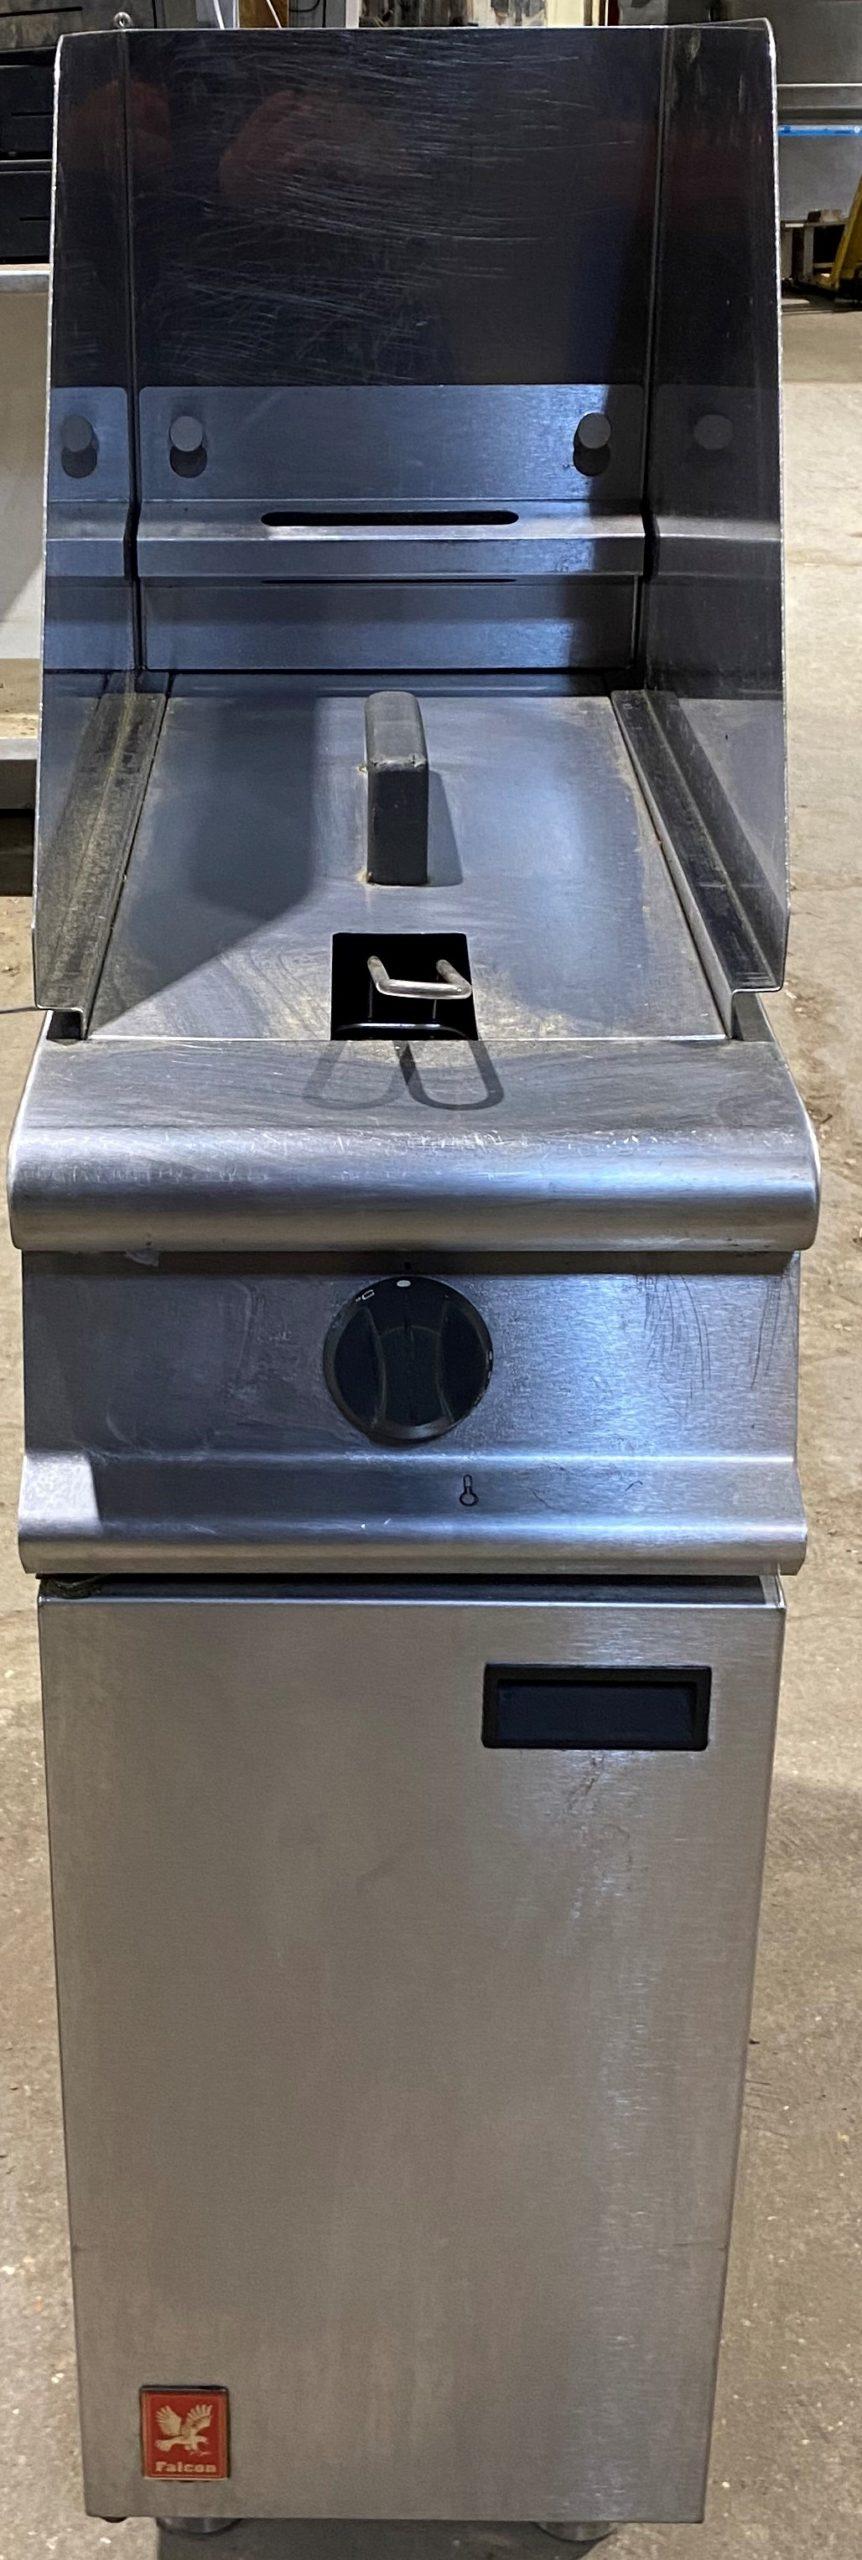 Falcon G3830 Single Well Gas Fryer